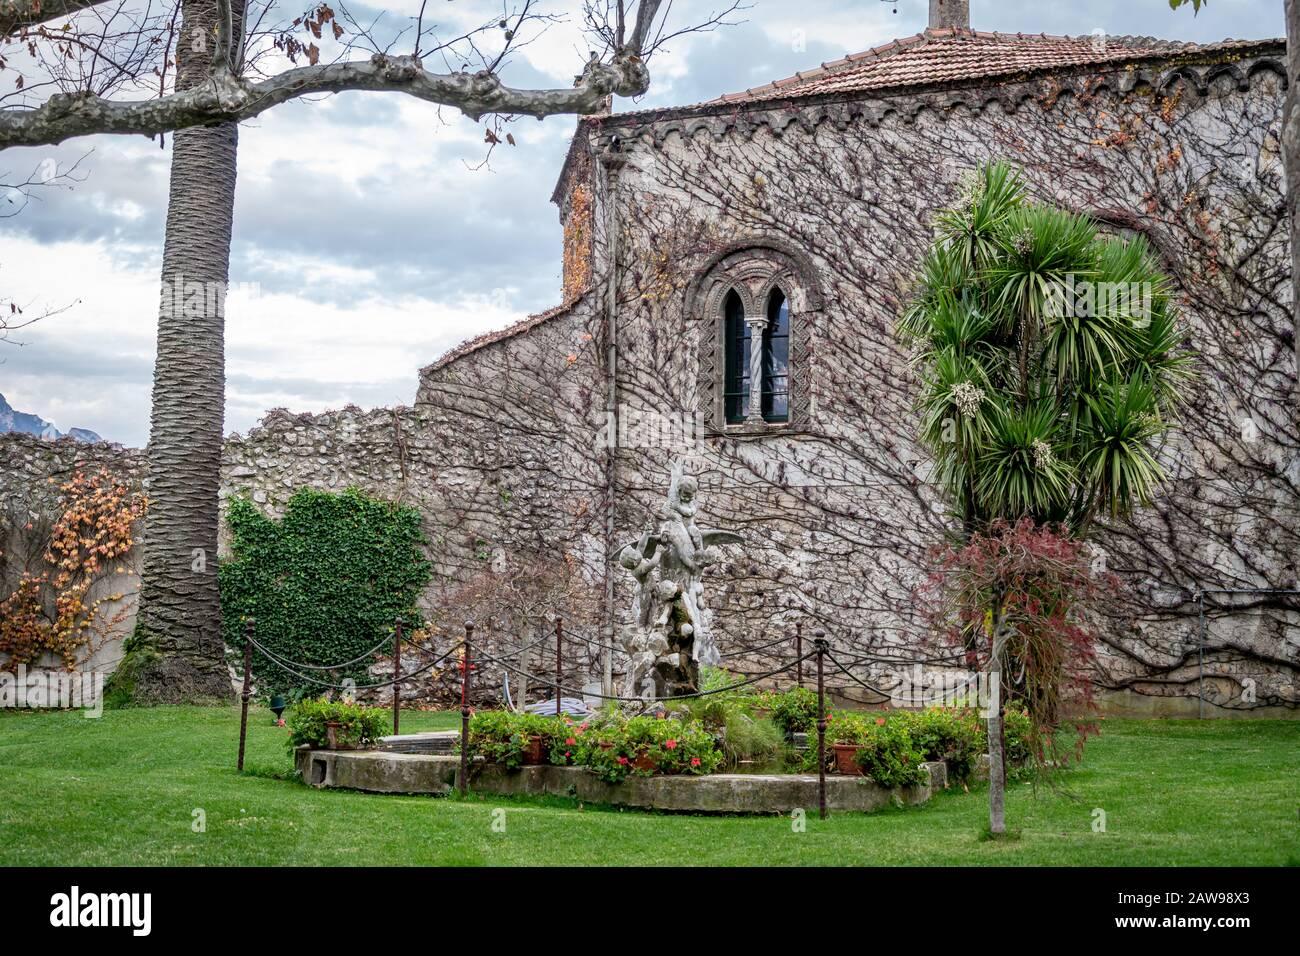 A l'intérieur de Vila Cimbrone, Villa Cimbrone sont considérés parmi les exemples les plus importants du paysage anglais et de la culture botanique dans le sud de l'Europe. Banque D'Images